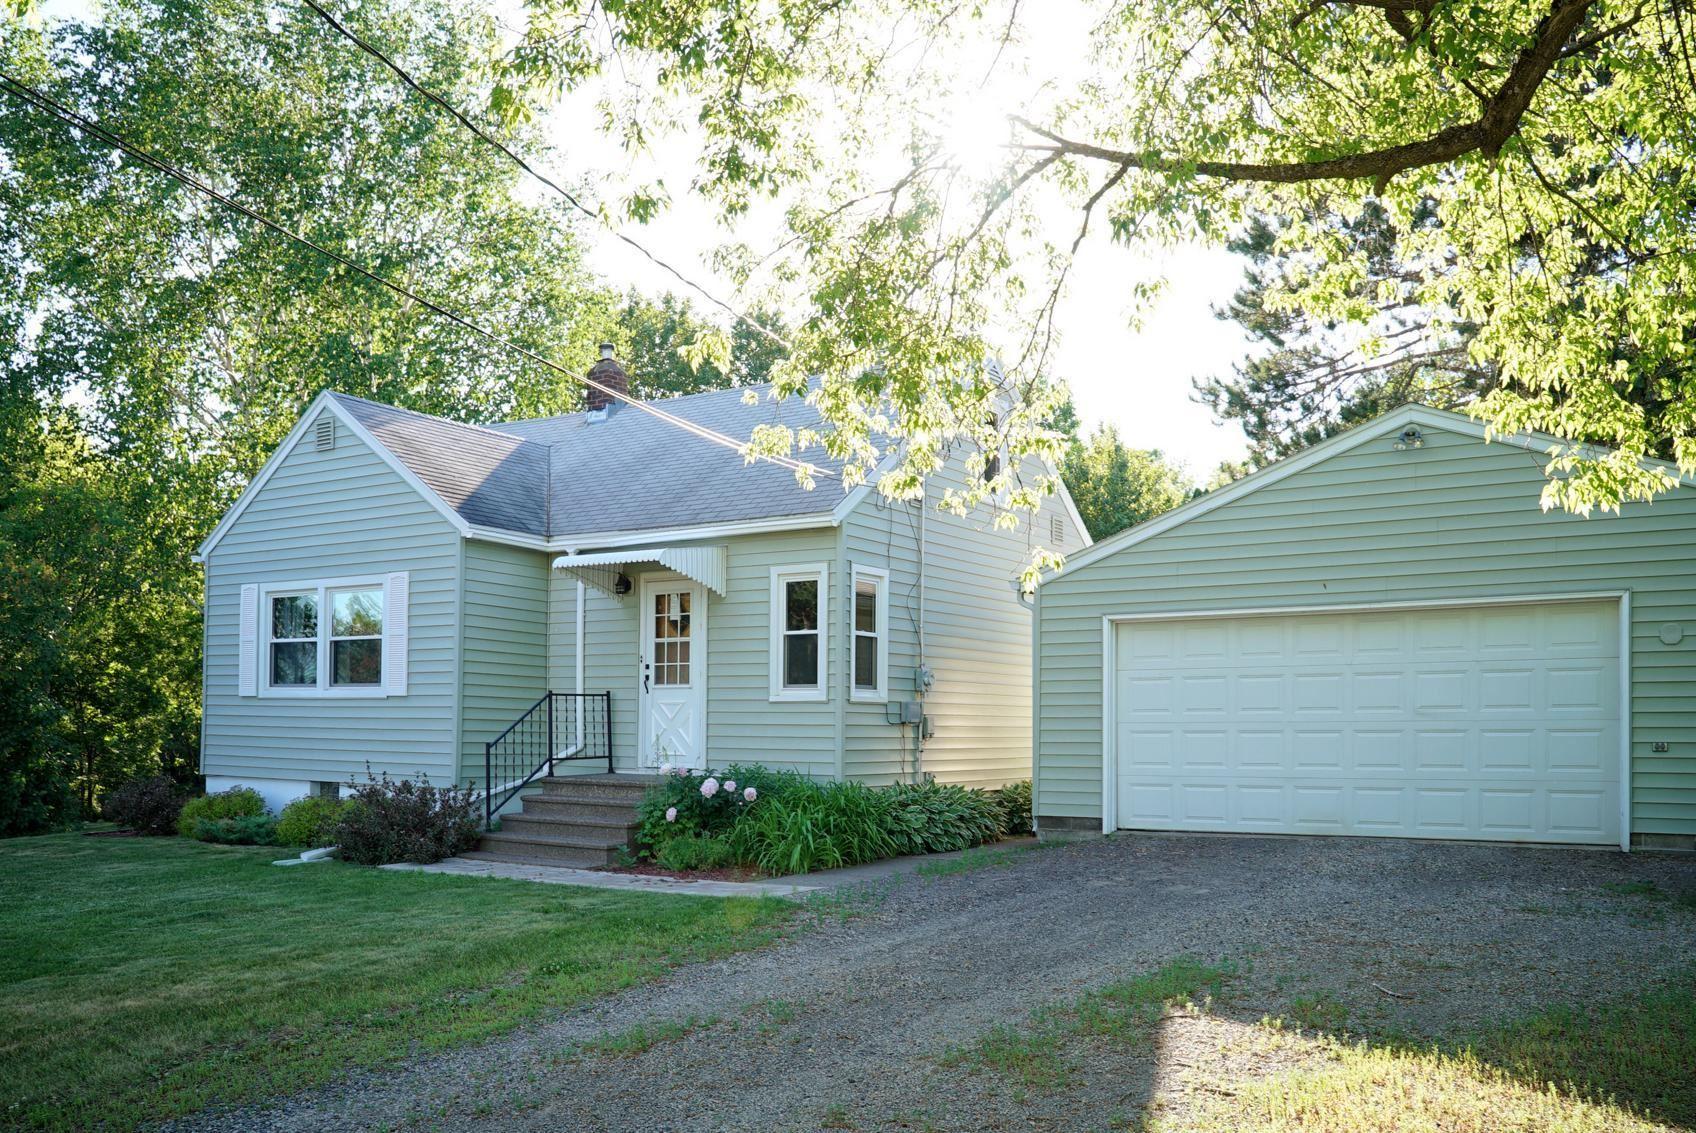 1815 Springvale Road, Duluth, MN 55811 - MLS#: 5615855